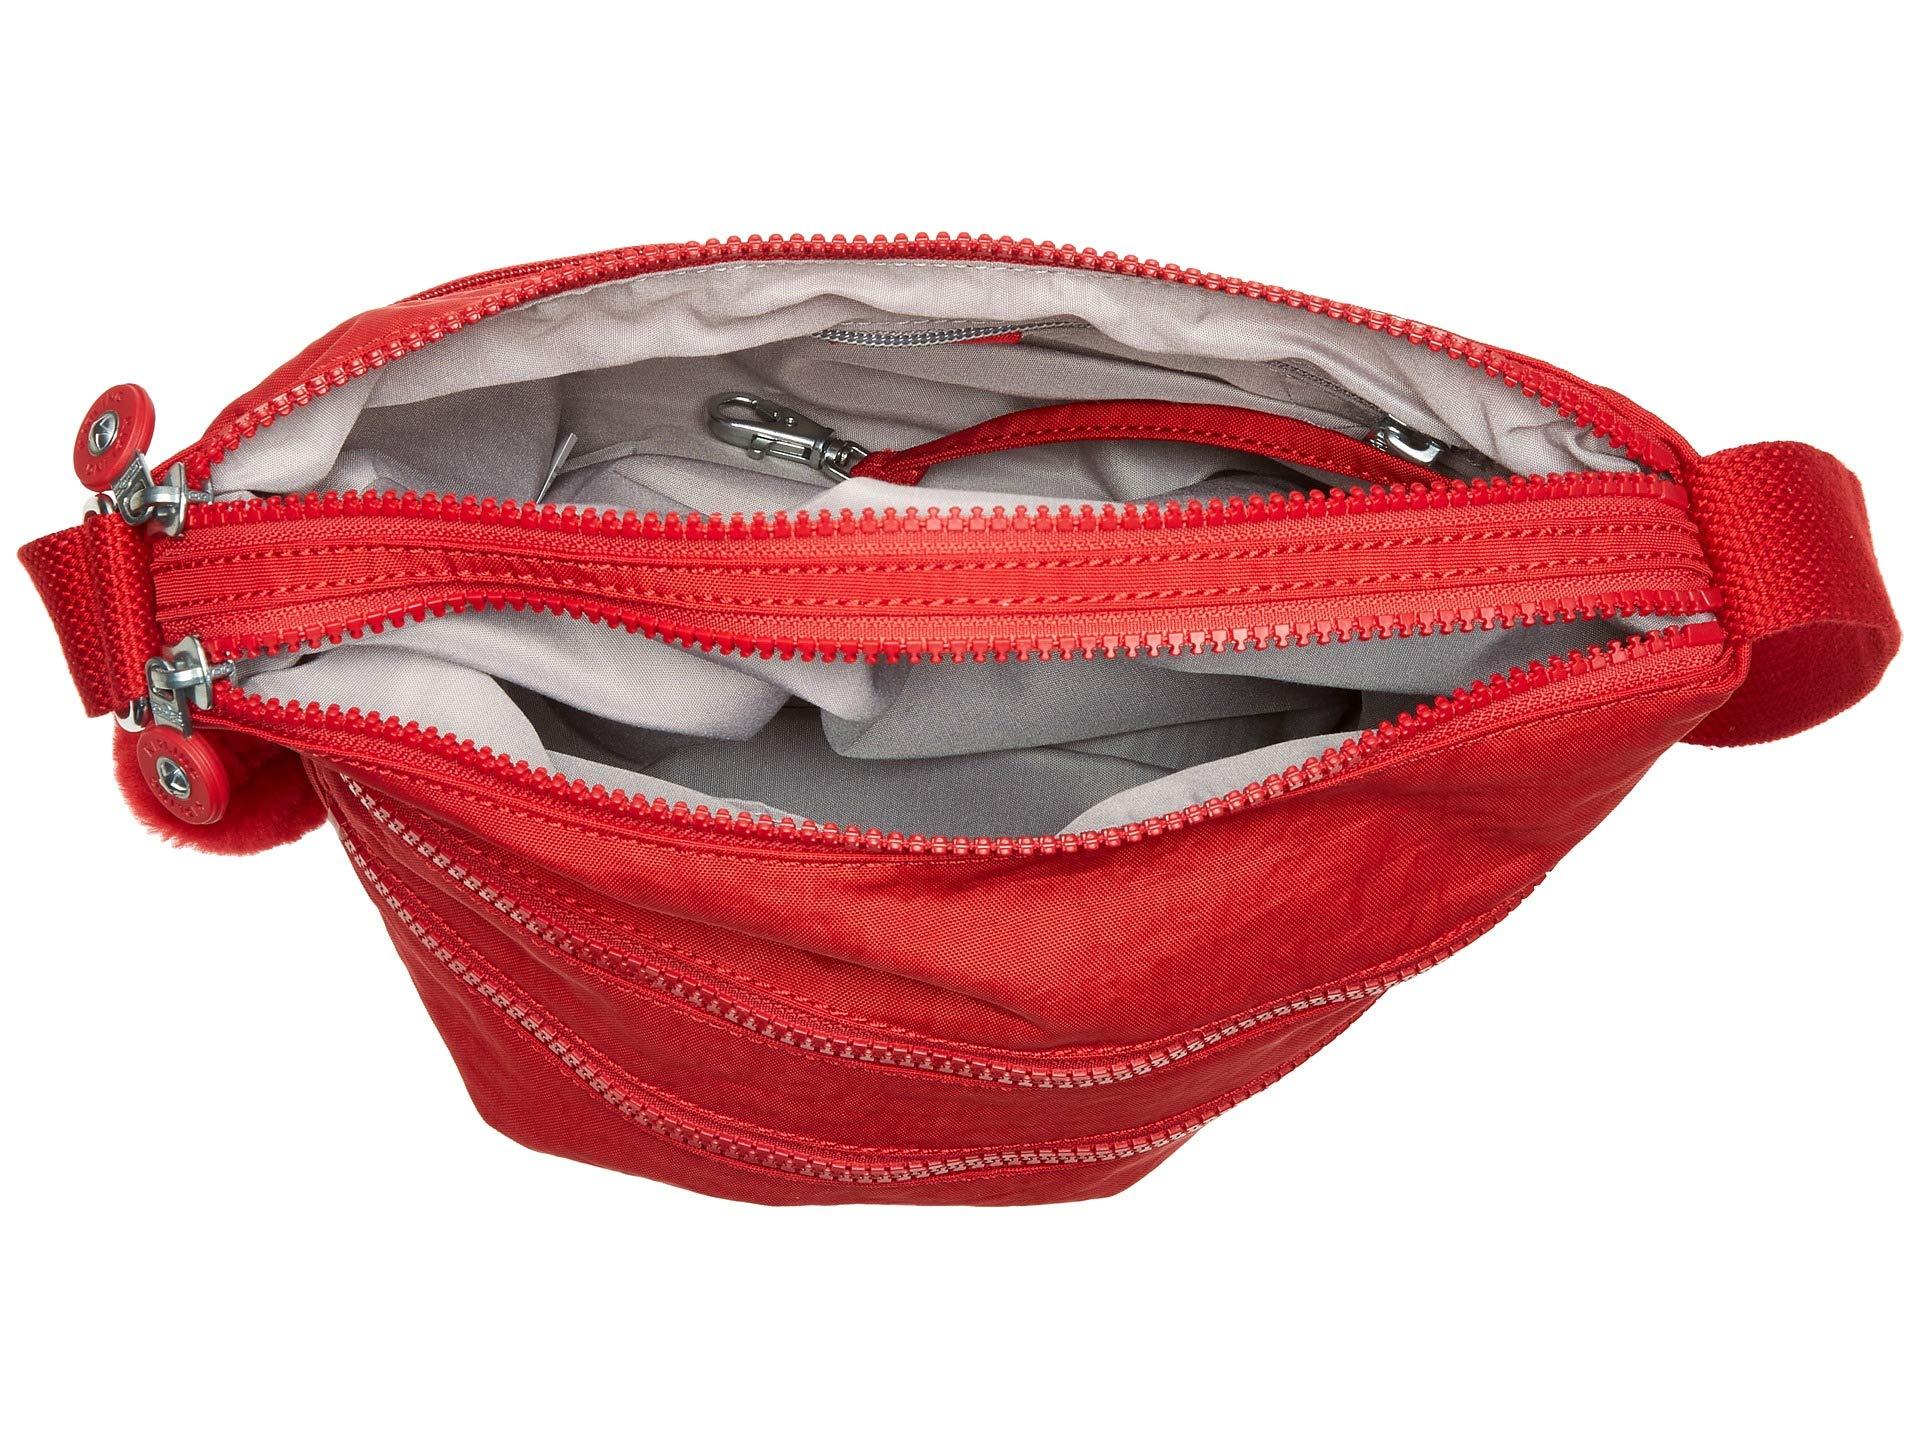 Alvar Kipling Crossbody Crossbody Kipling Cherry Alvar Cherry Alvar Kipling Bag Bag dUYdqC